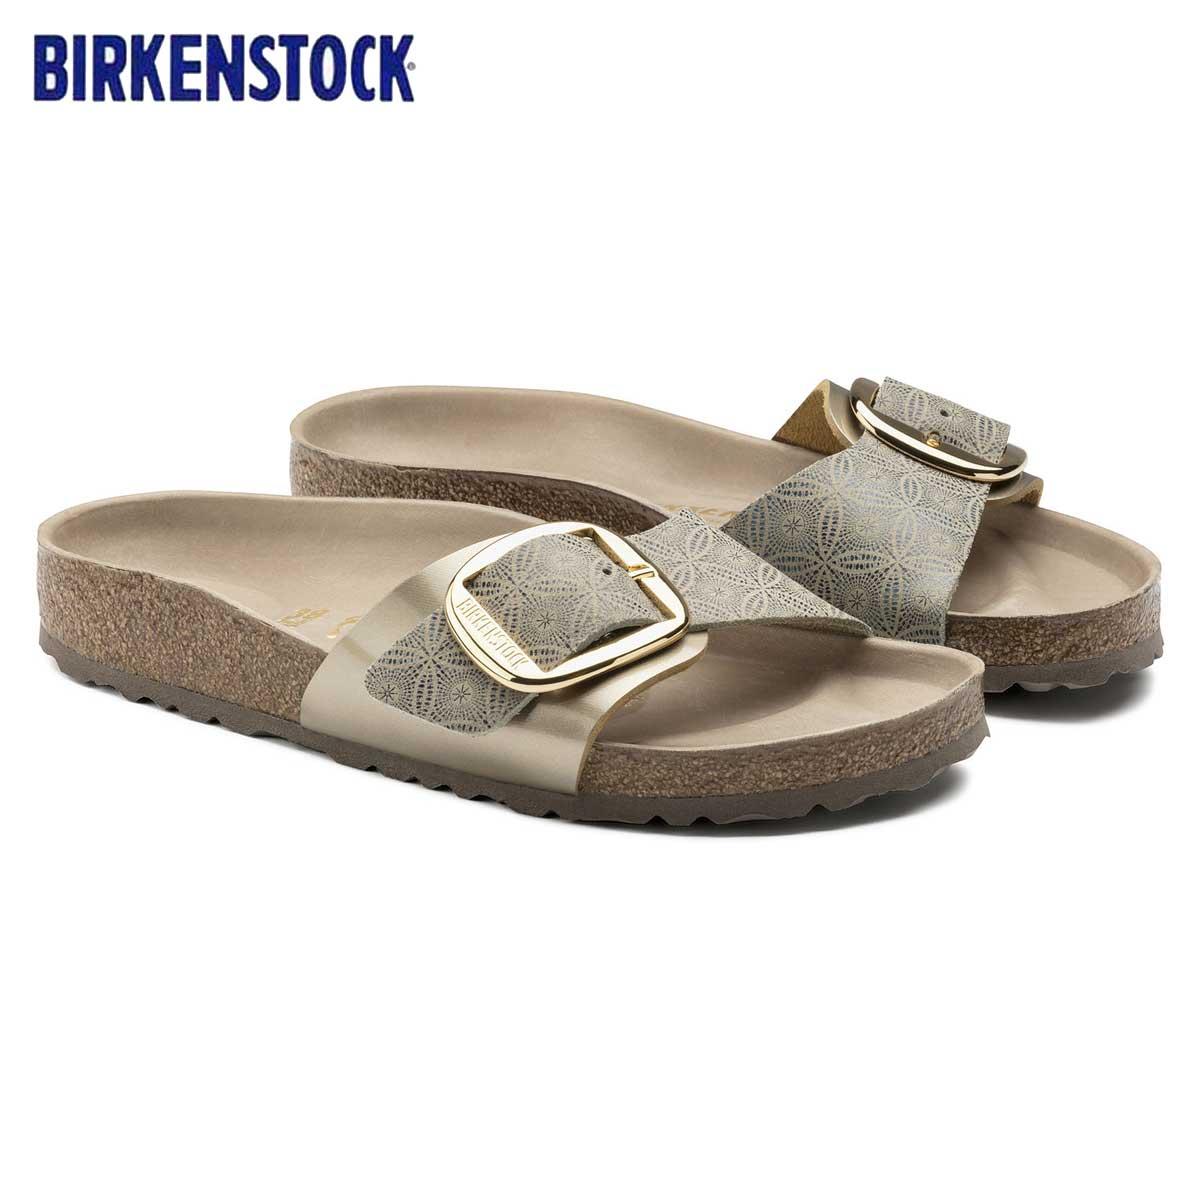 ビルケンシュトック BIRKENSTOCK MADRID Big Buckle(マドリッド) GC 1009033 セラミックパターン ブルー(レディース)「正規輸入品」 「靴」